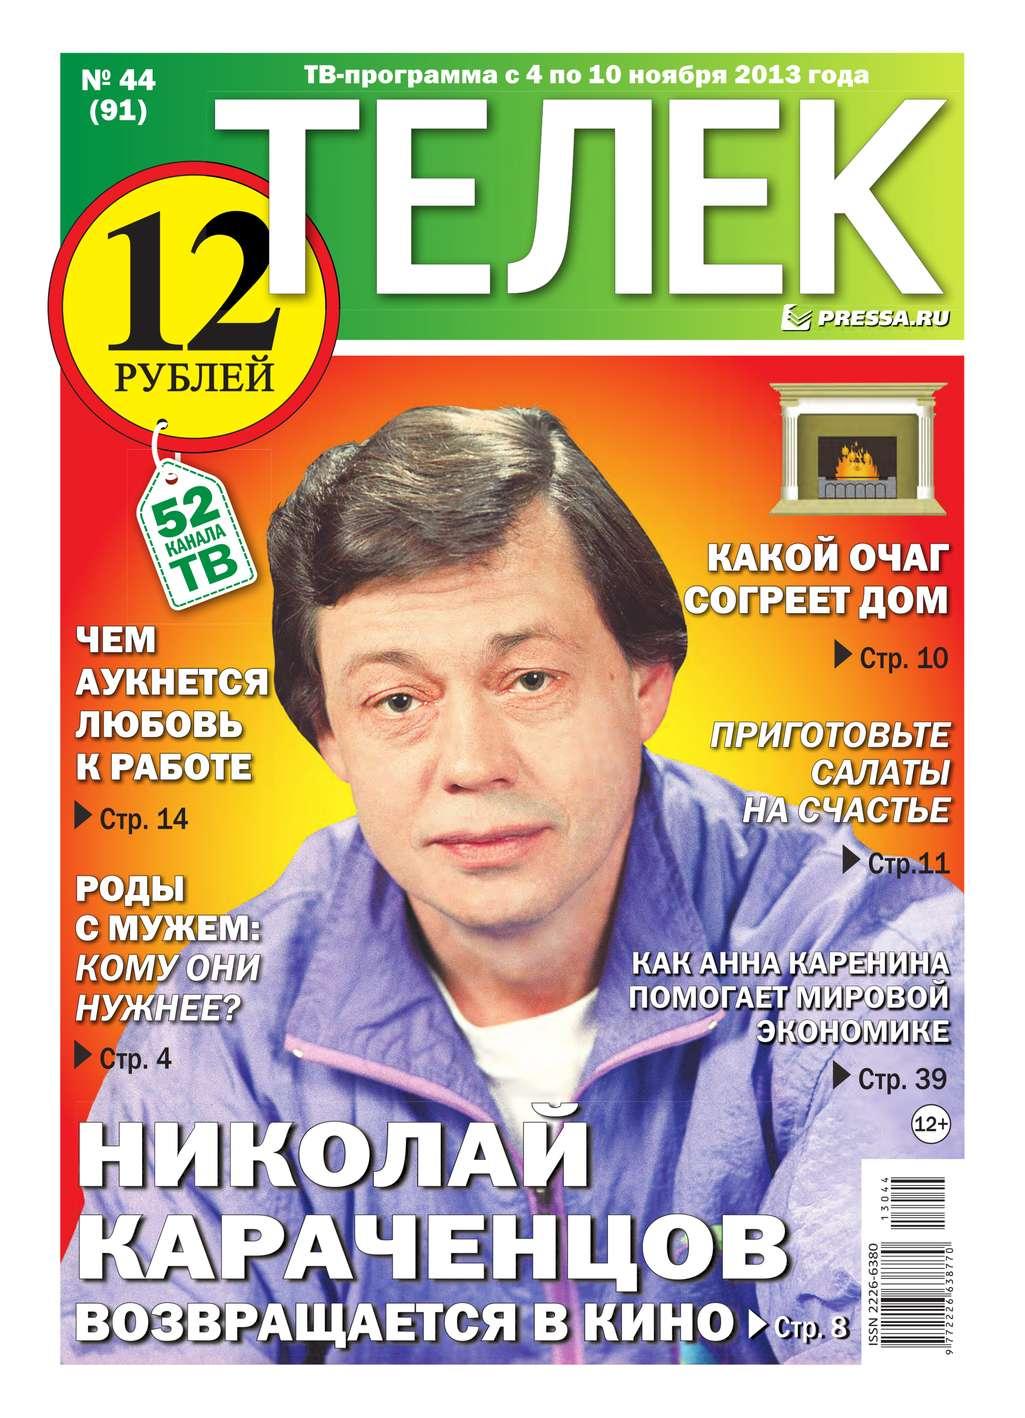 Редакция газеты ТЕЛЕК PRESSA.RU Телек 44-2013 газеты